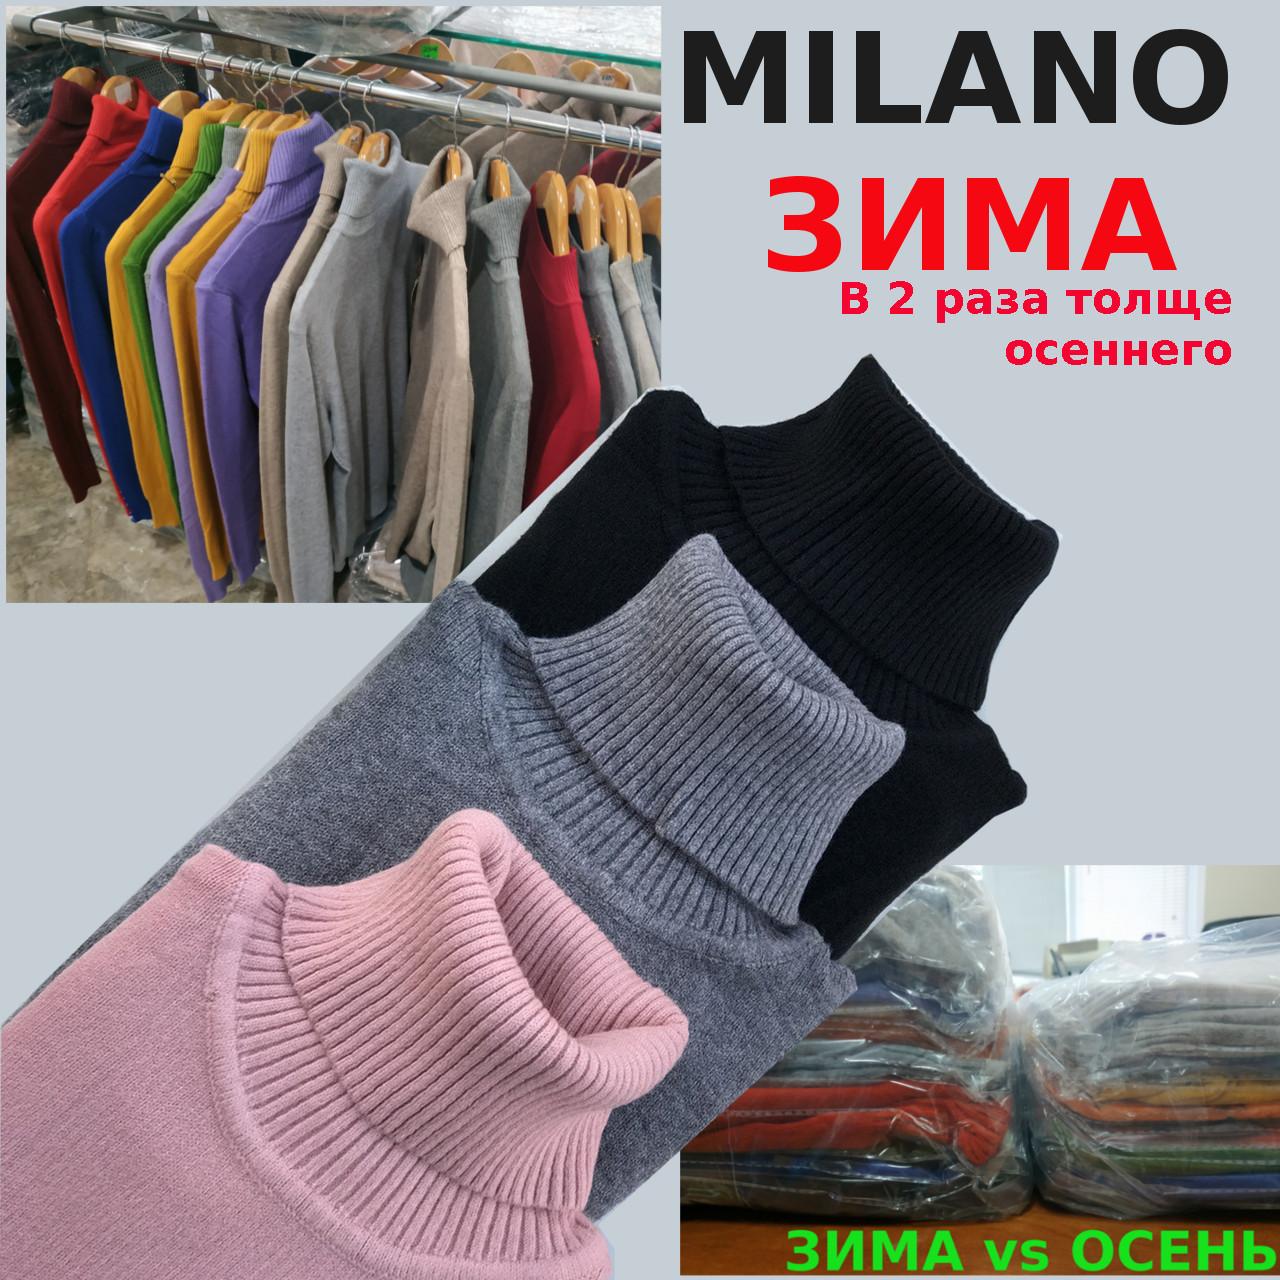 Гольф зима Мілано гольфик Водолазка дуже теплий розмір С-М і Л-ХЛ Milano Zone